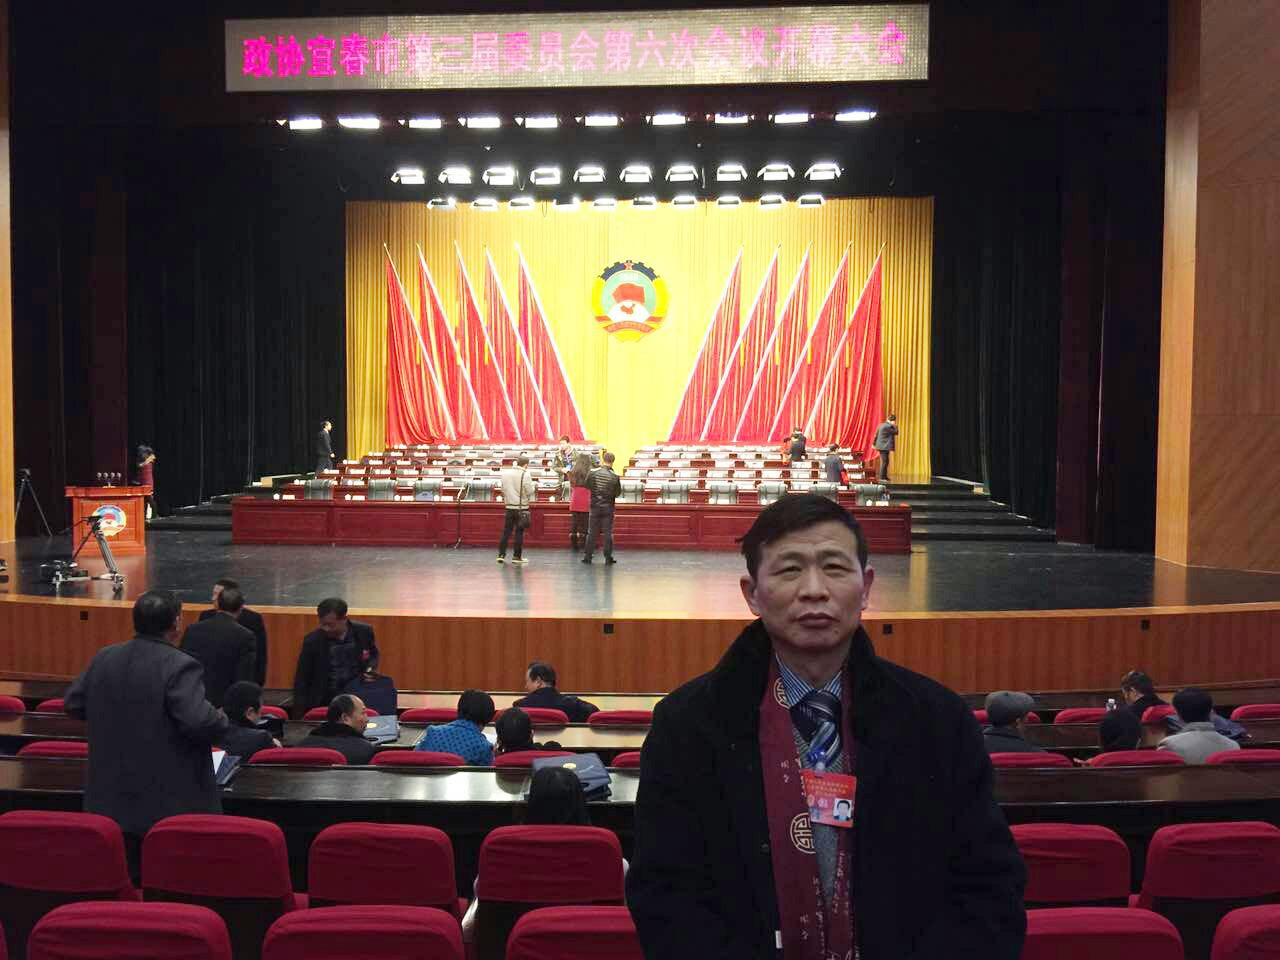 吴旅良总经理参加宜春政协第三届委员会第六次会议